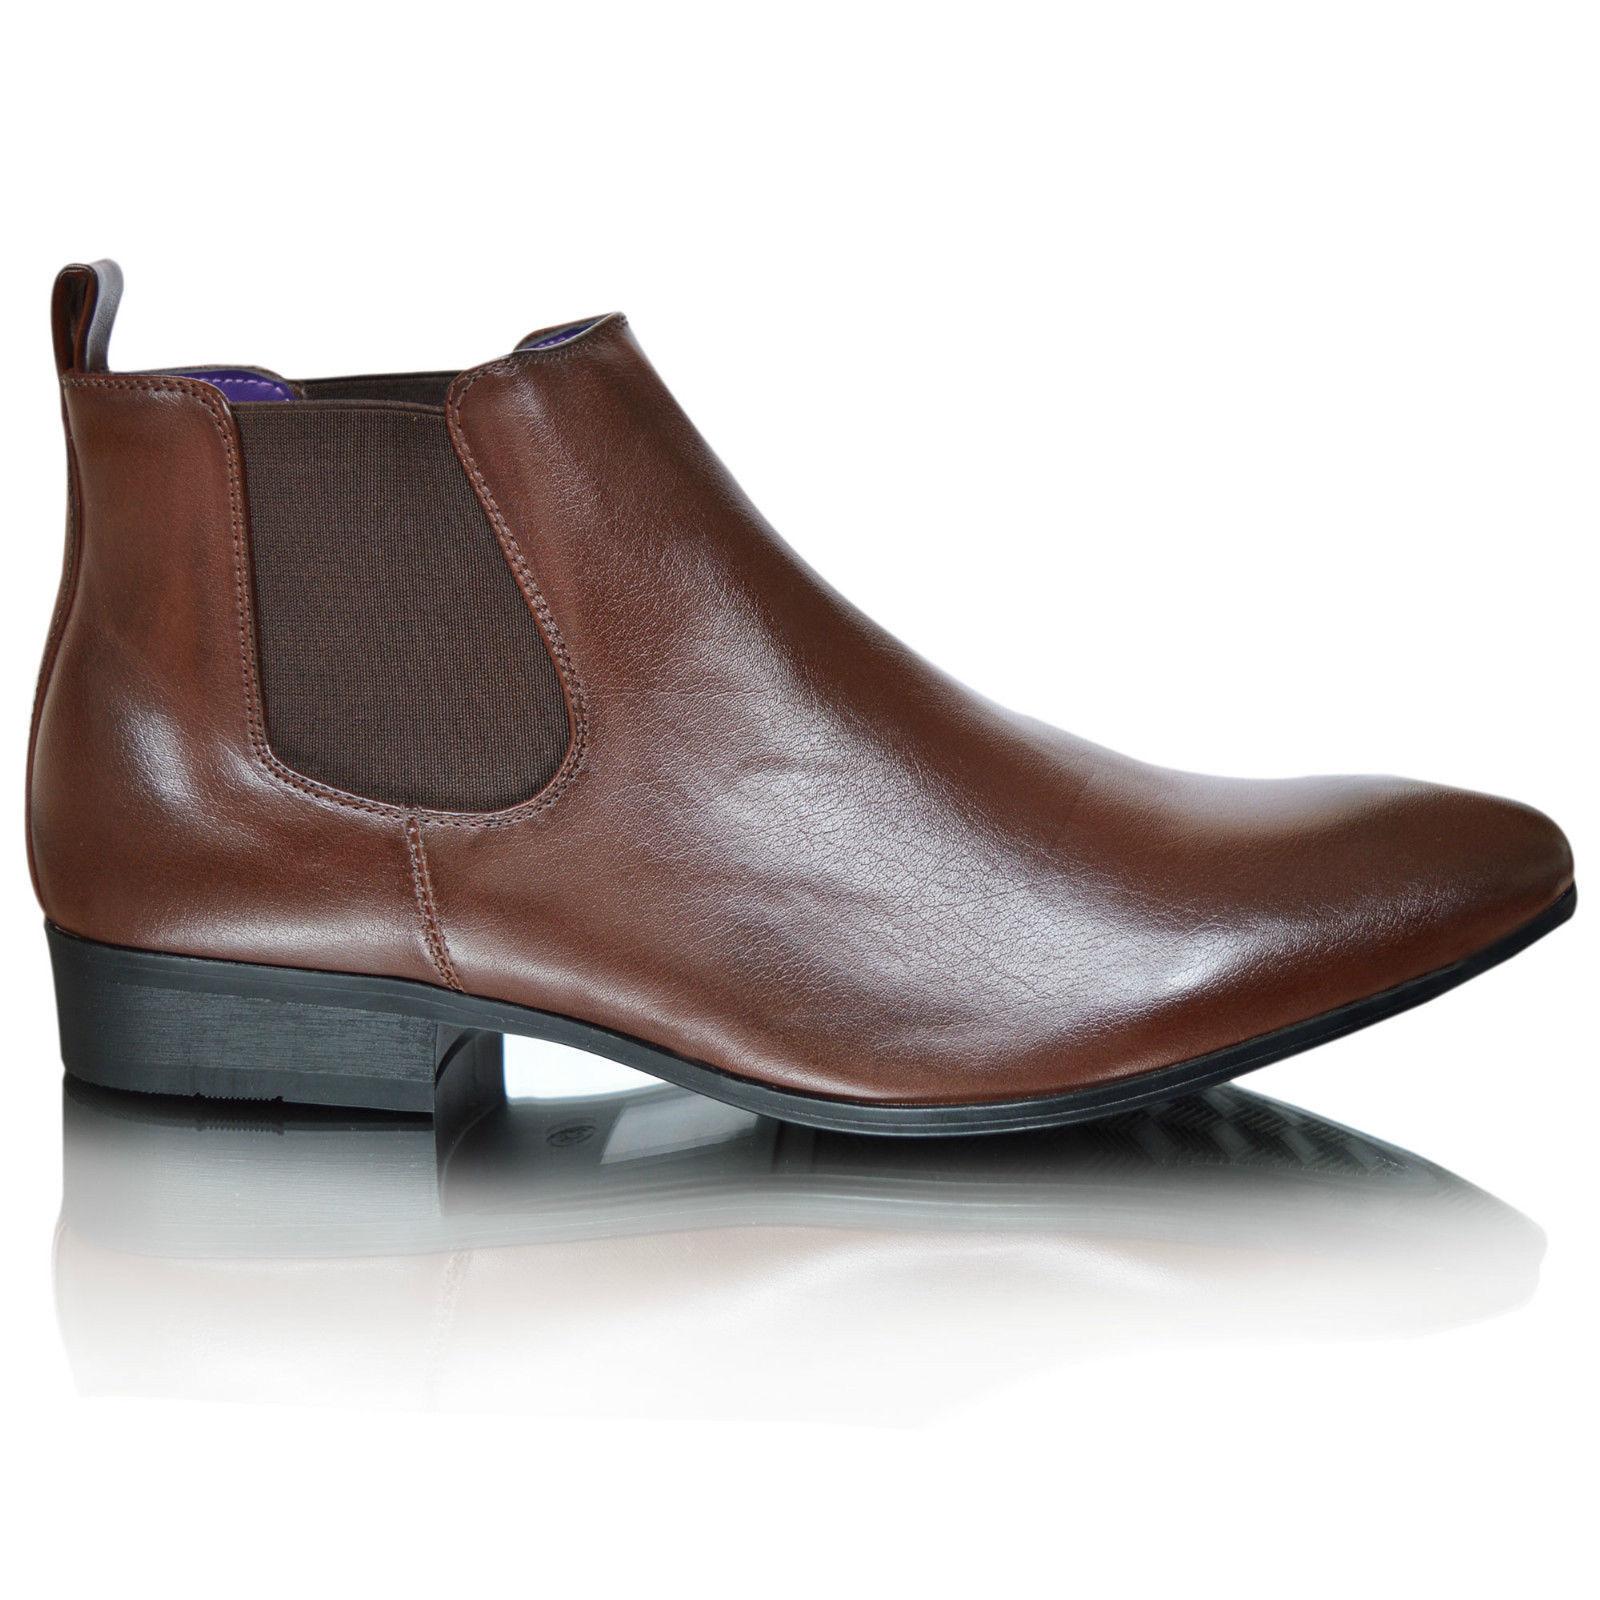 Homme en cuir doublé élégant formel lacets décontractées bottes 11 chaussures taille uk 6 7 8 9 10 11 bottes 93ce37